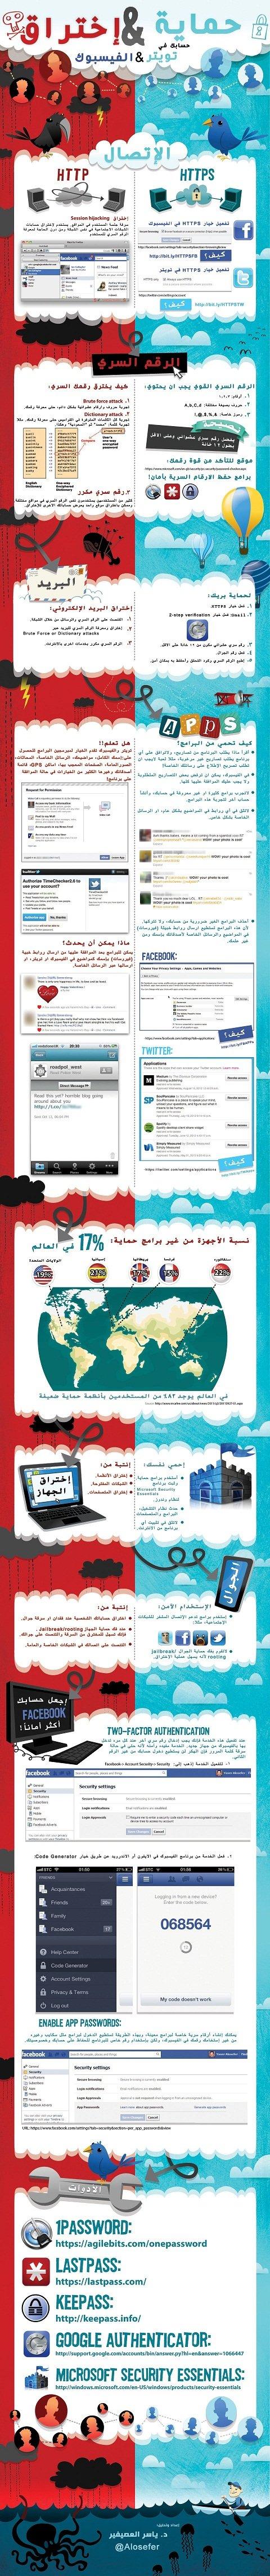 كيفية حماية و إختراق حسابك على #فيسبوك و #تويتر !! #معلومات #تكنولوجيا #انفوغراف #انفوجرافيك #انفوجرافيك_عربي